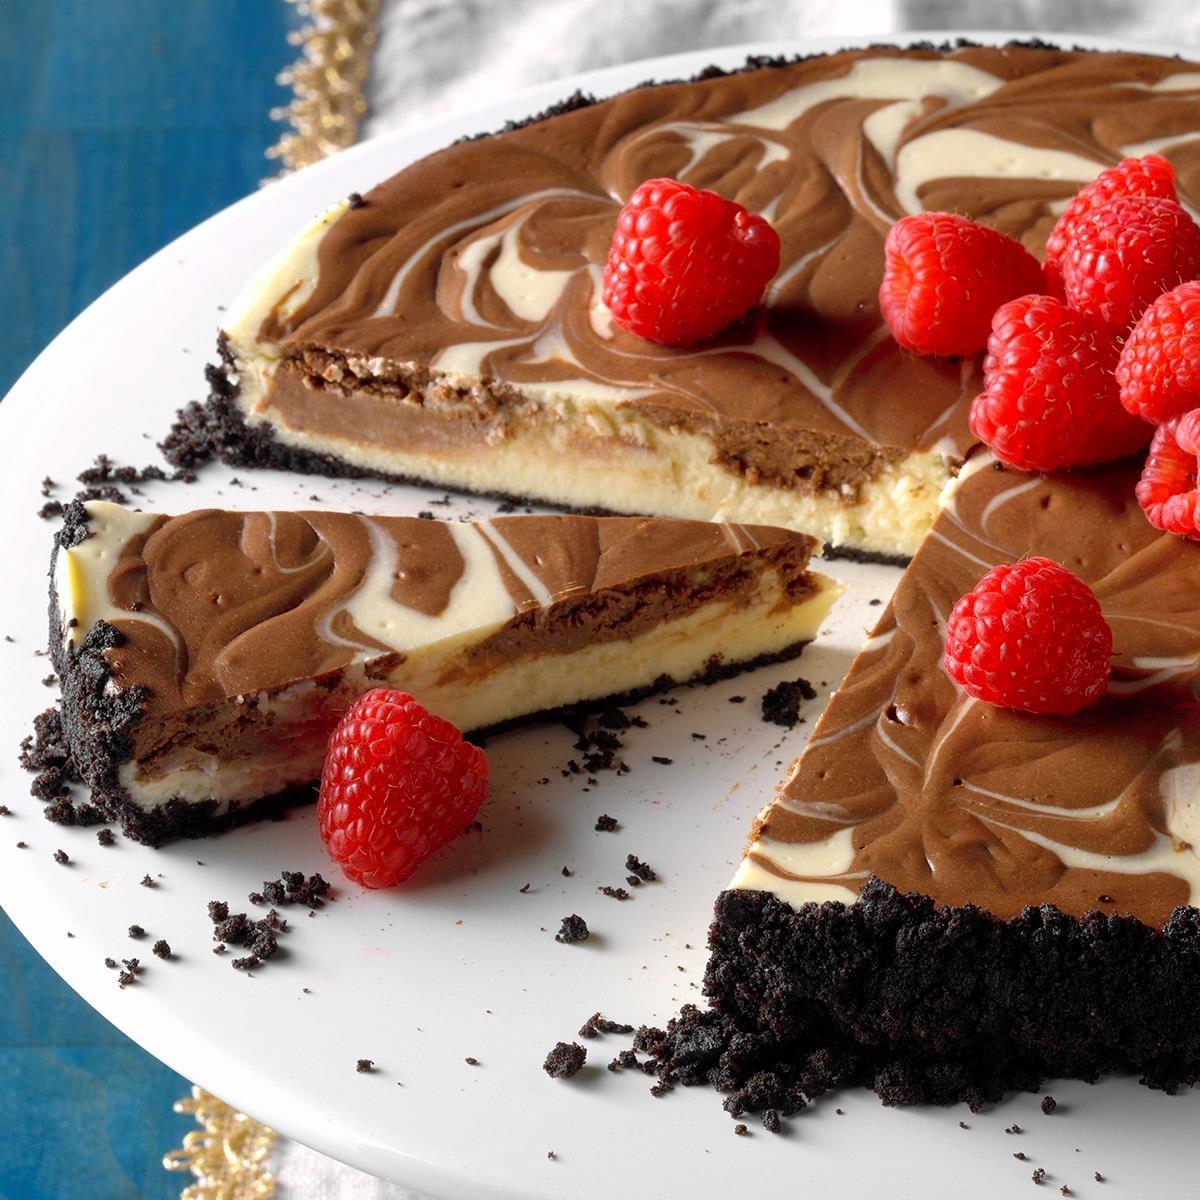 Chocolate Swirled Cheesecake Recipe